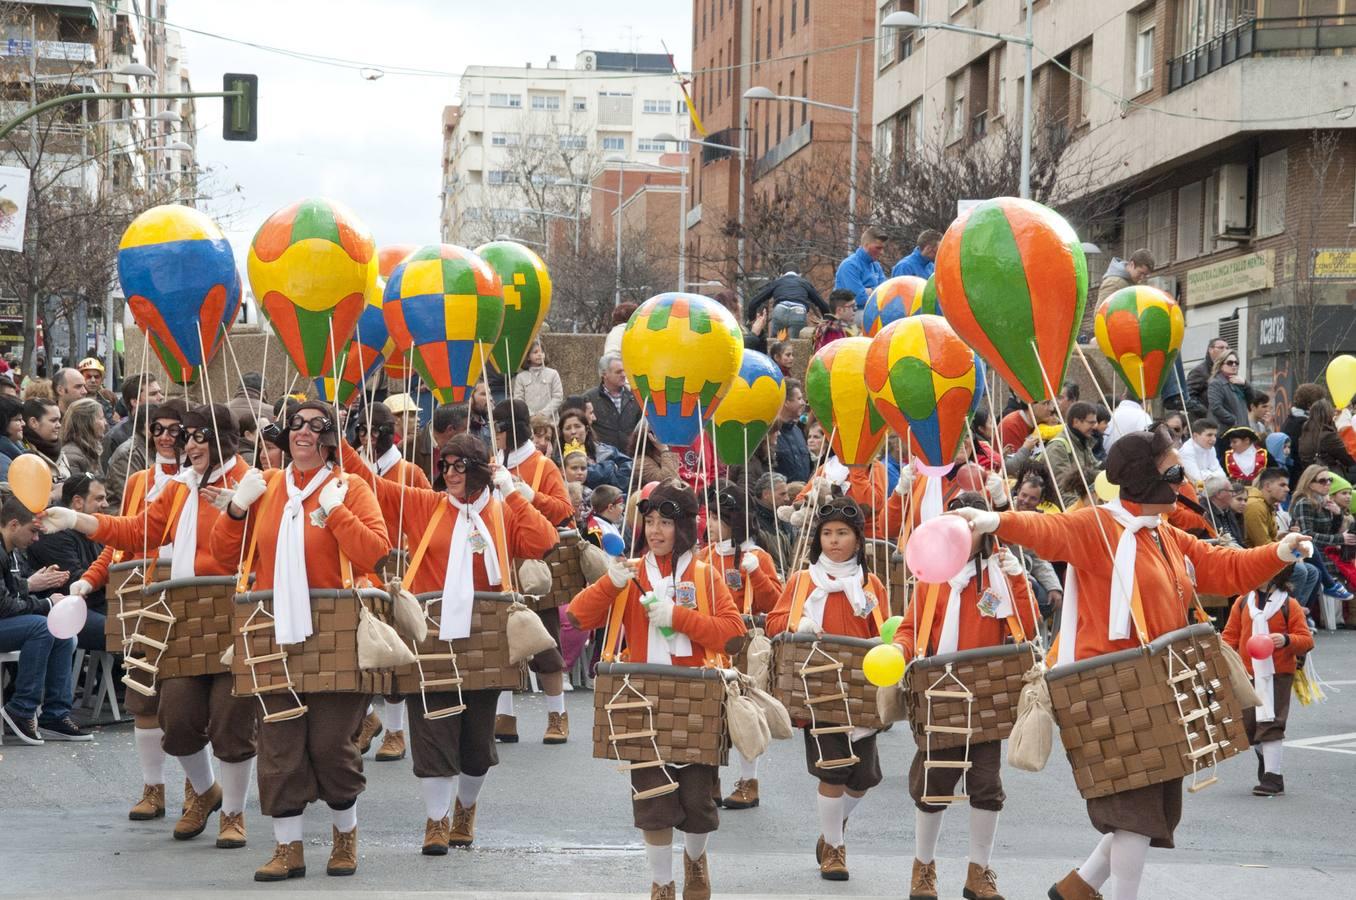 Grupos menores y artefactos en el desfile del Carnaval de Badajoz 2014